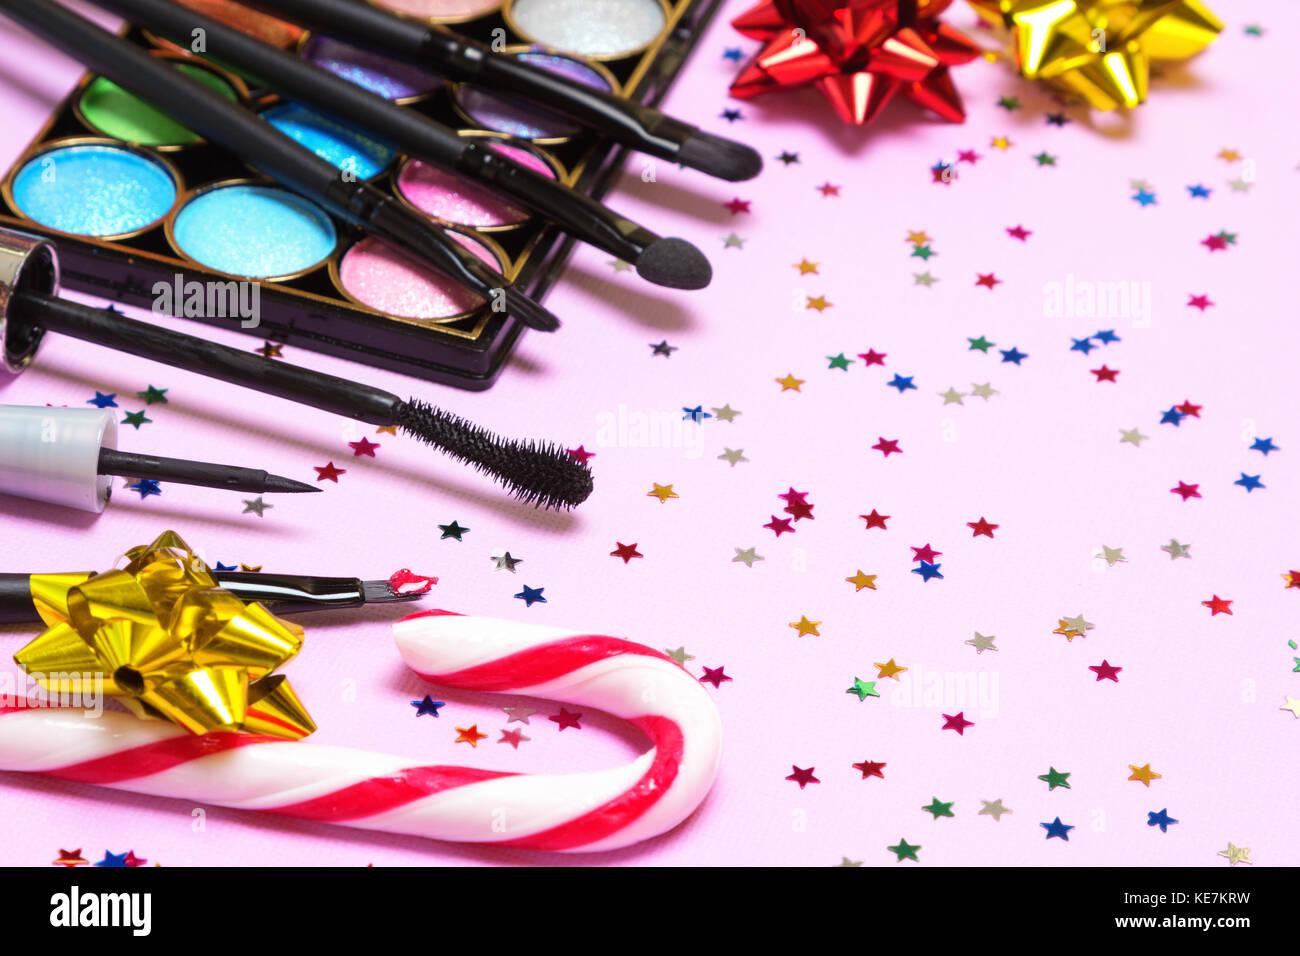 Make-up für Holiday Party. roten Lippenstift, Eyeliner liquid, Mascara, Farbe glitzer Lidschatten, Pinsel und Stockbild